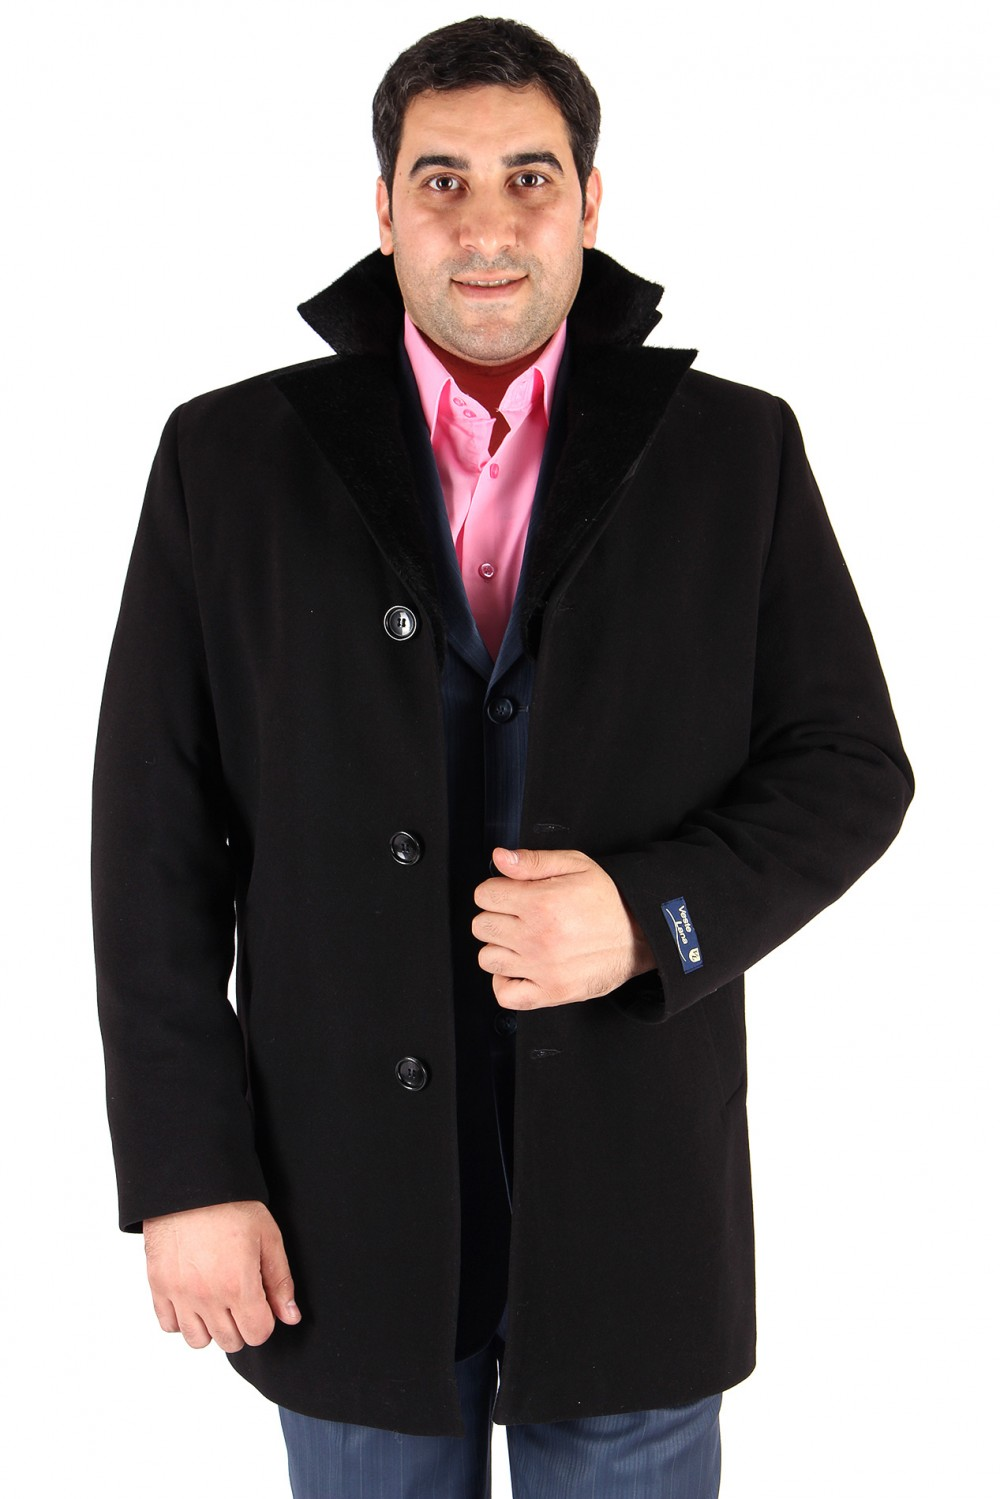 Купить оптом Пальто мужское черного цвета Кс-17Ch в Волгоградке